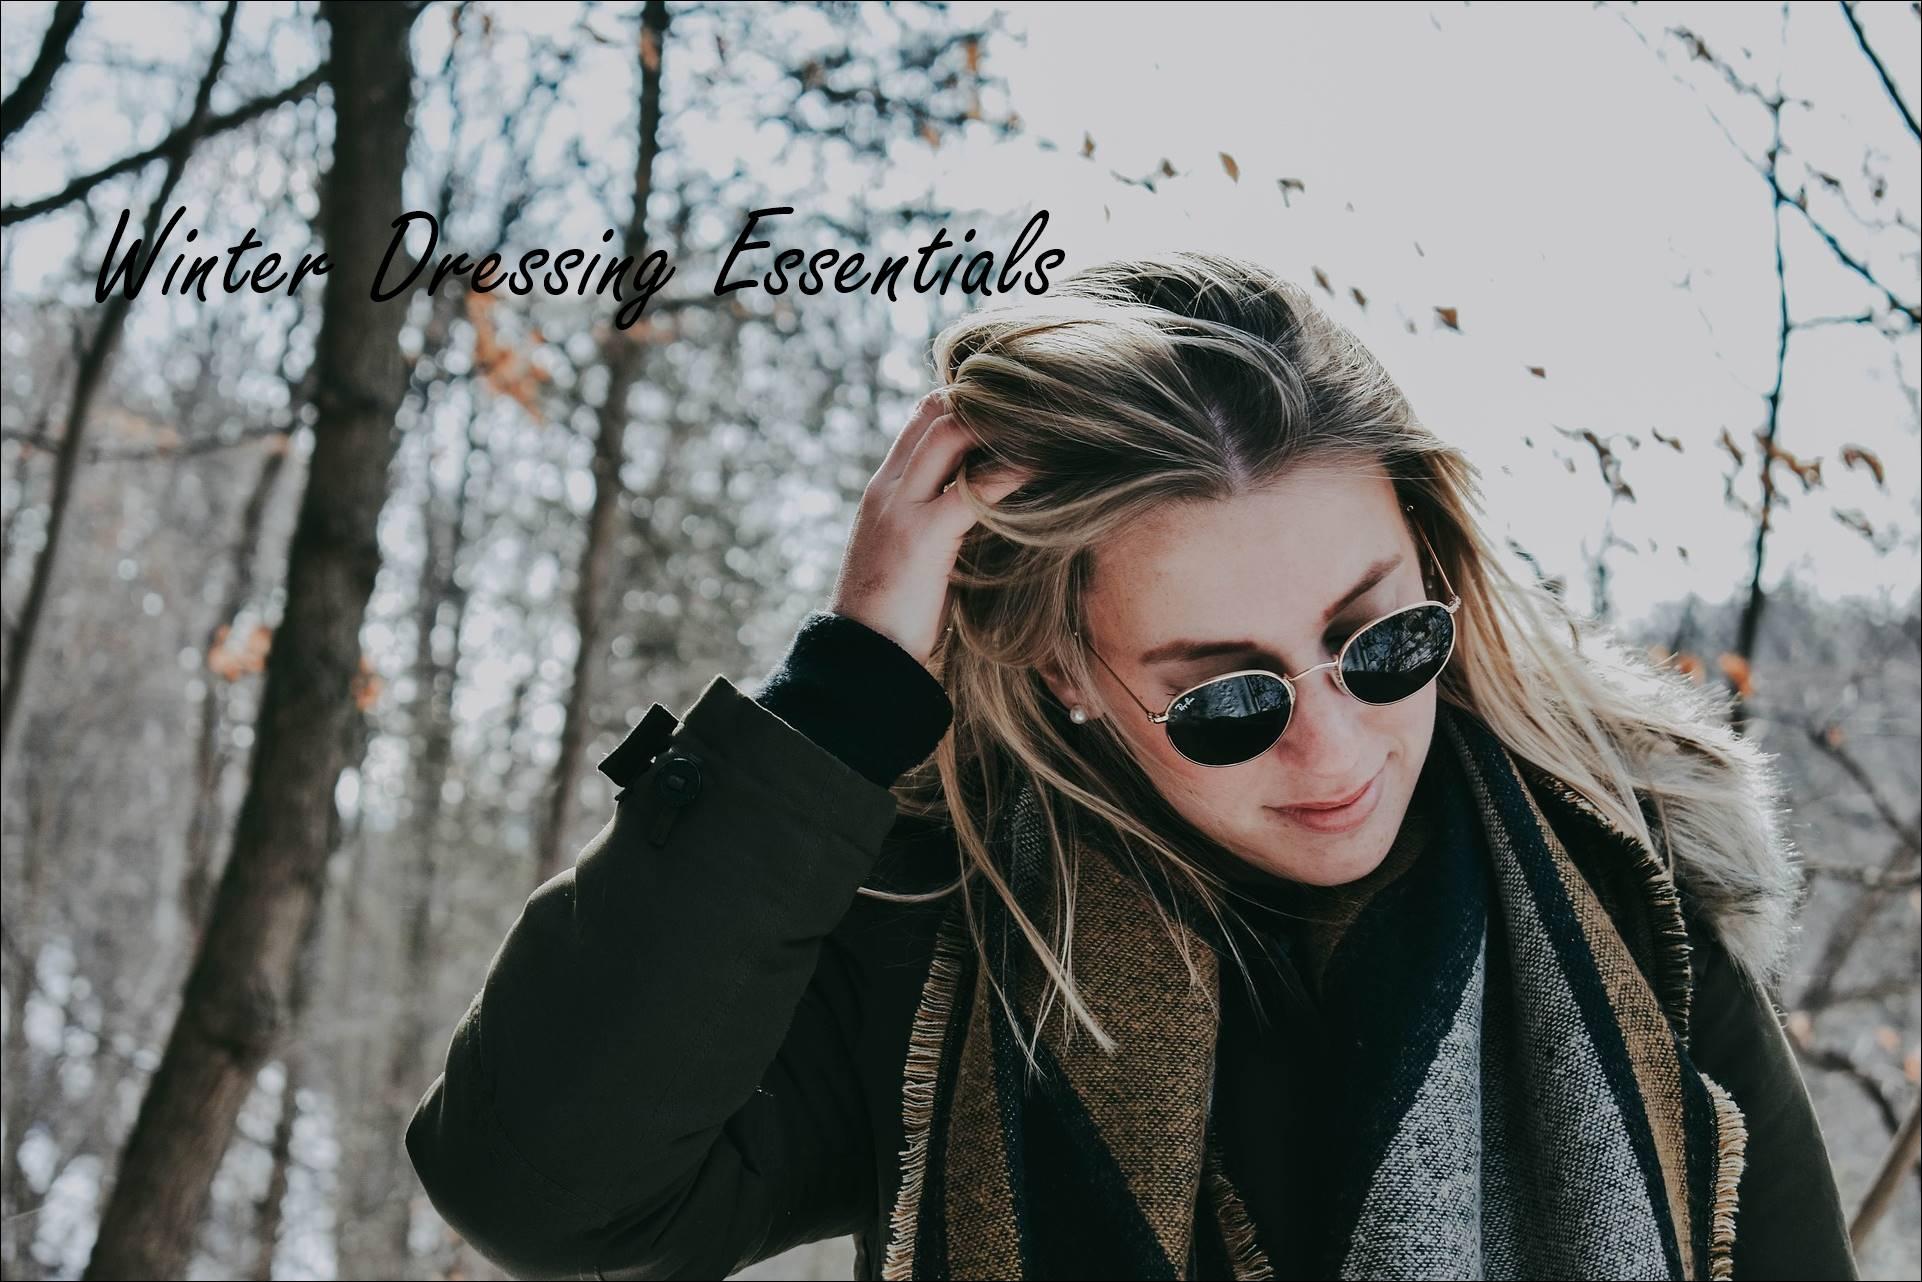 Winter Dressing Essentials !!